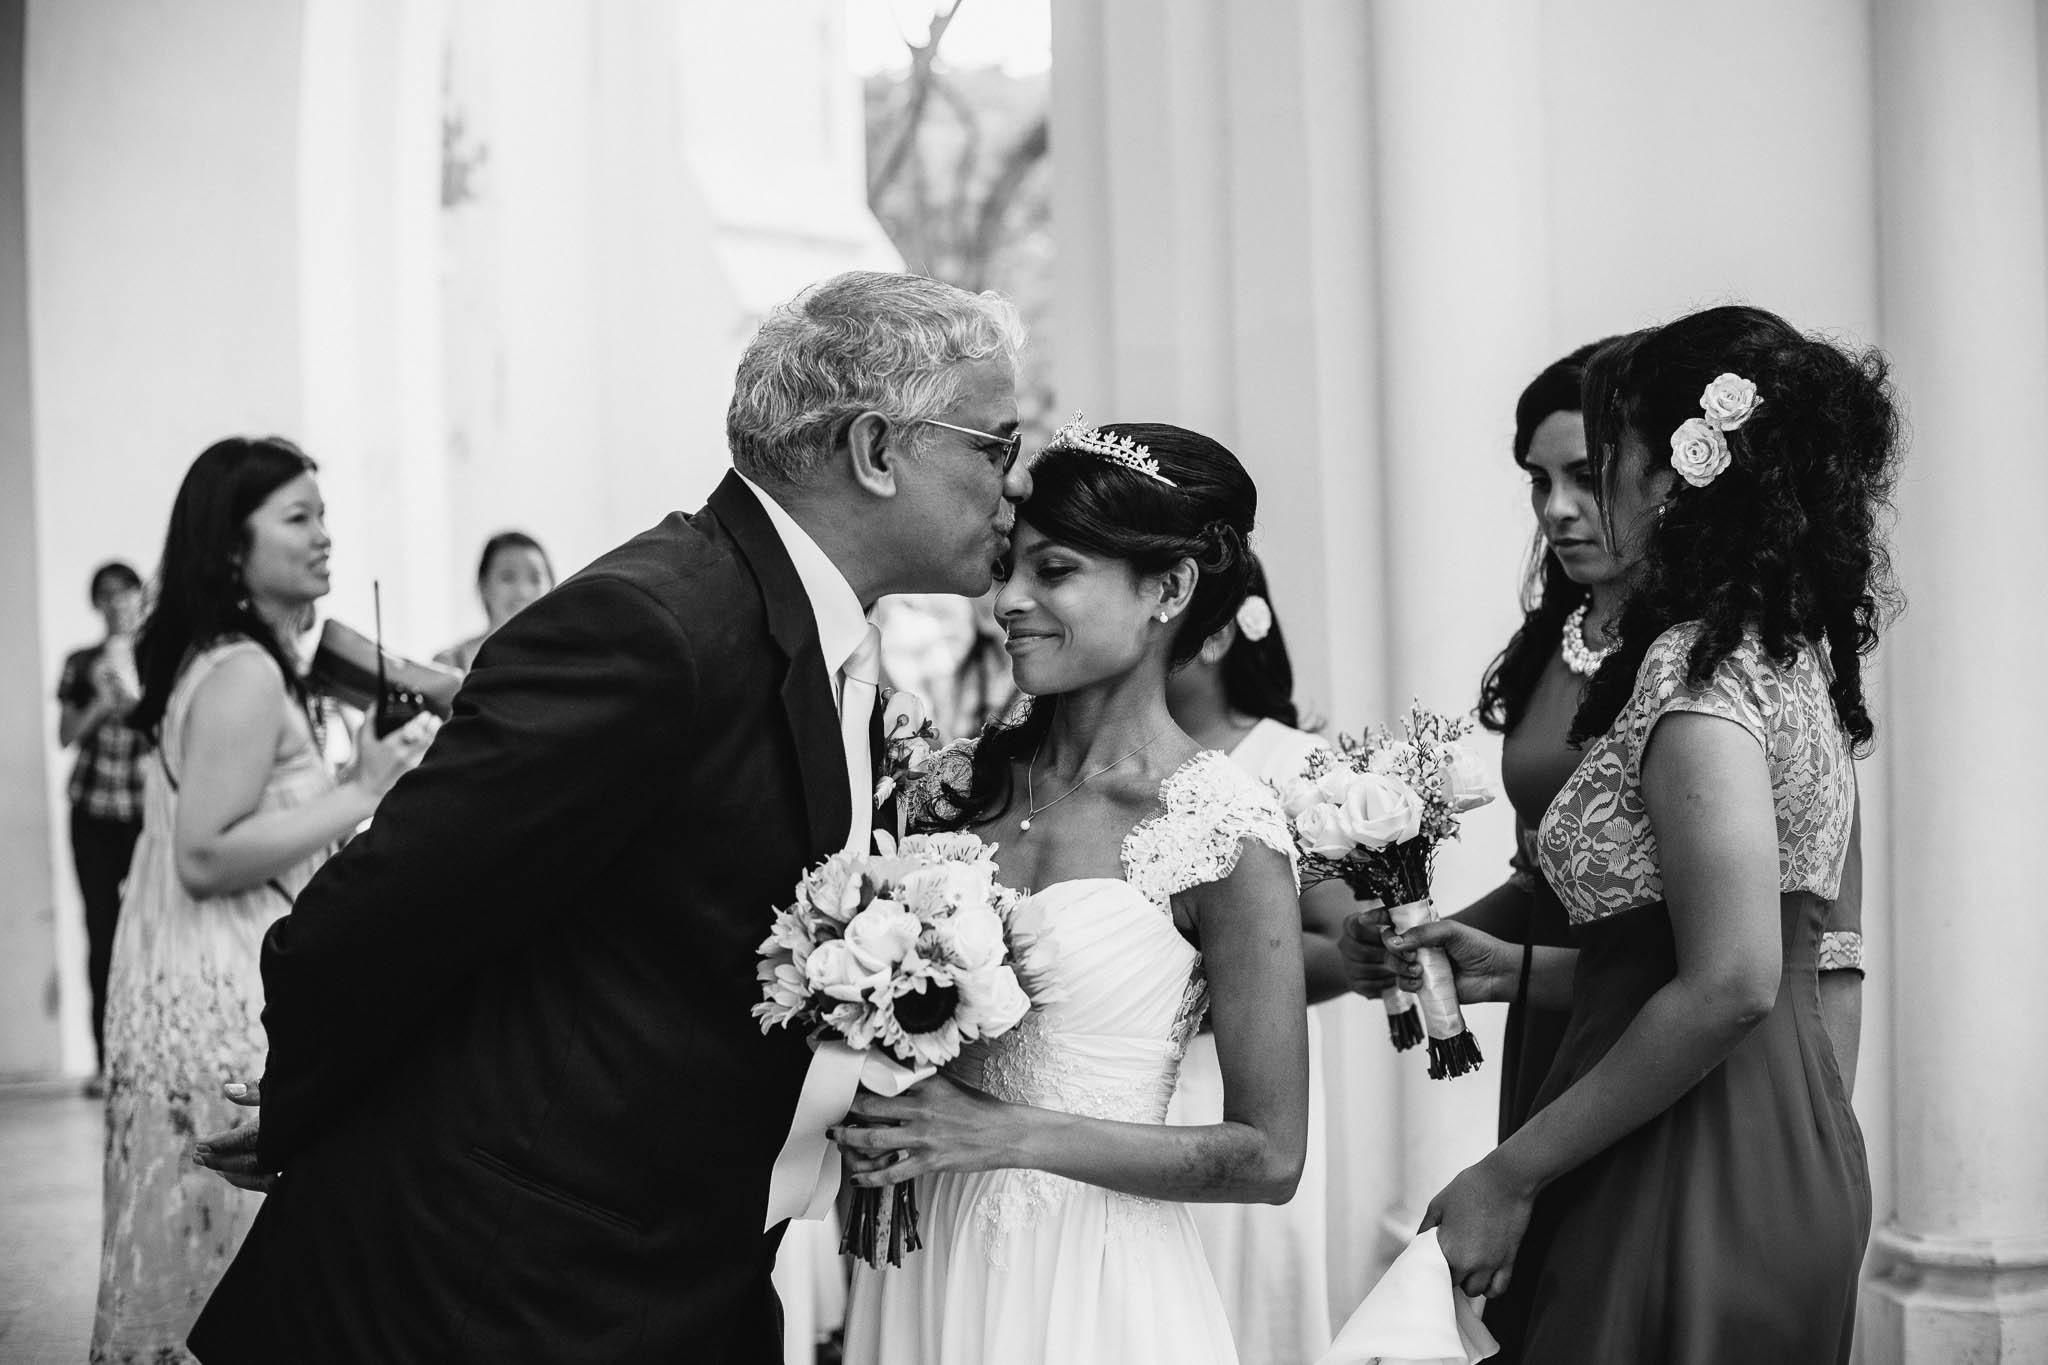 singapore-wedding-photographer-wemadethese-bw-018.jpg